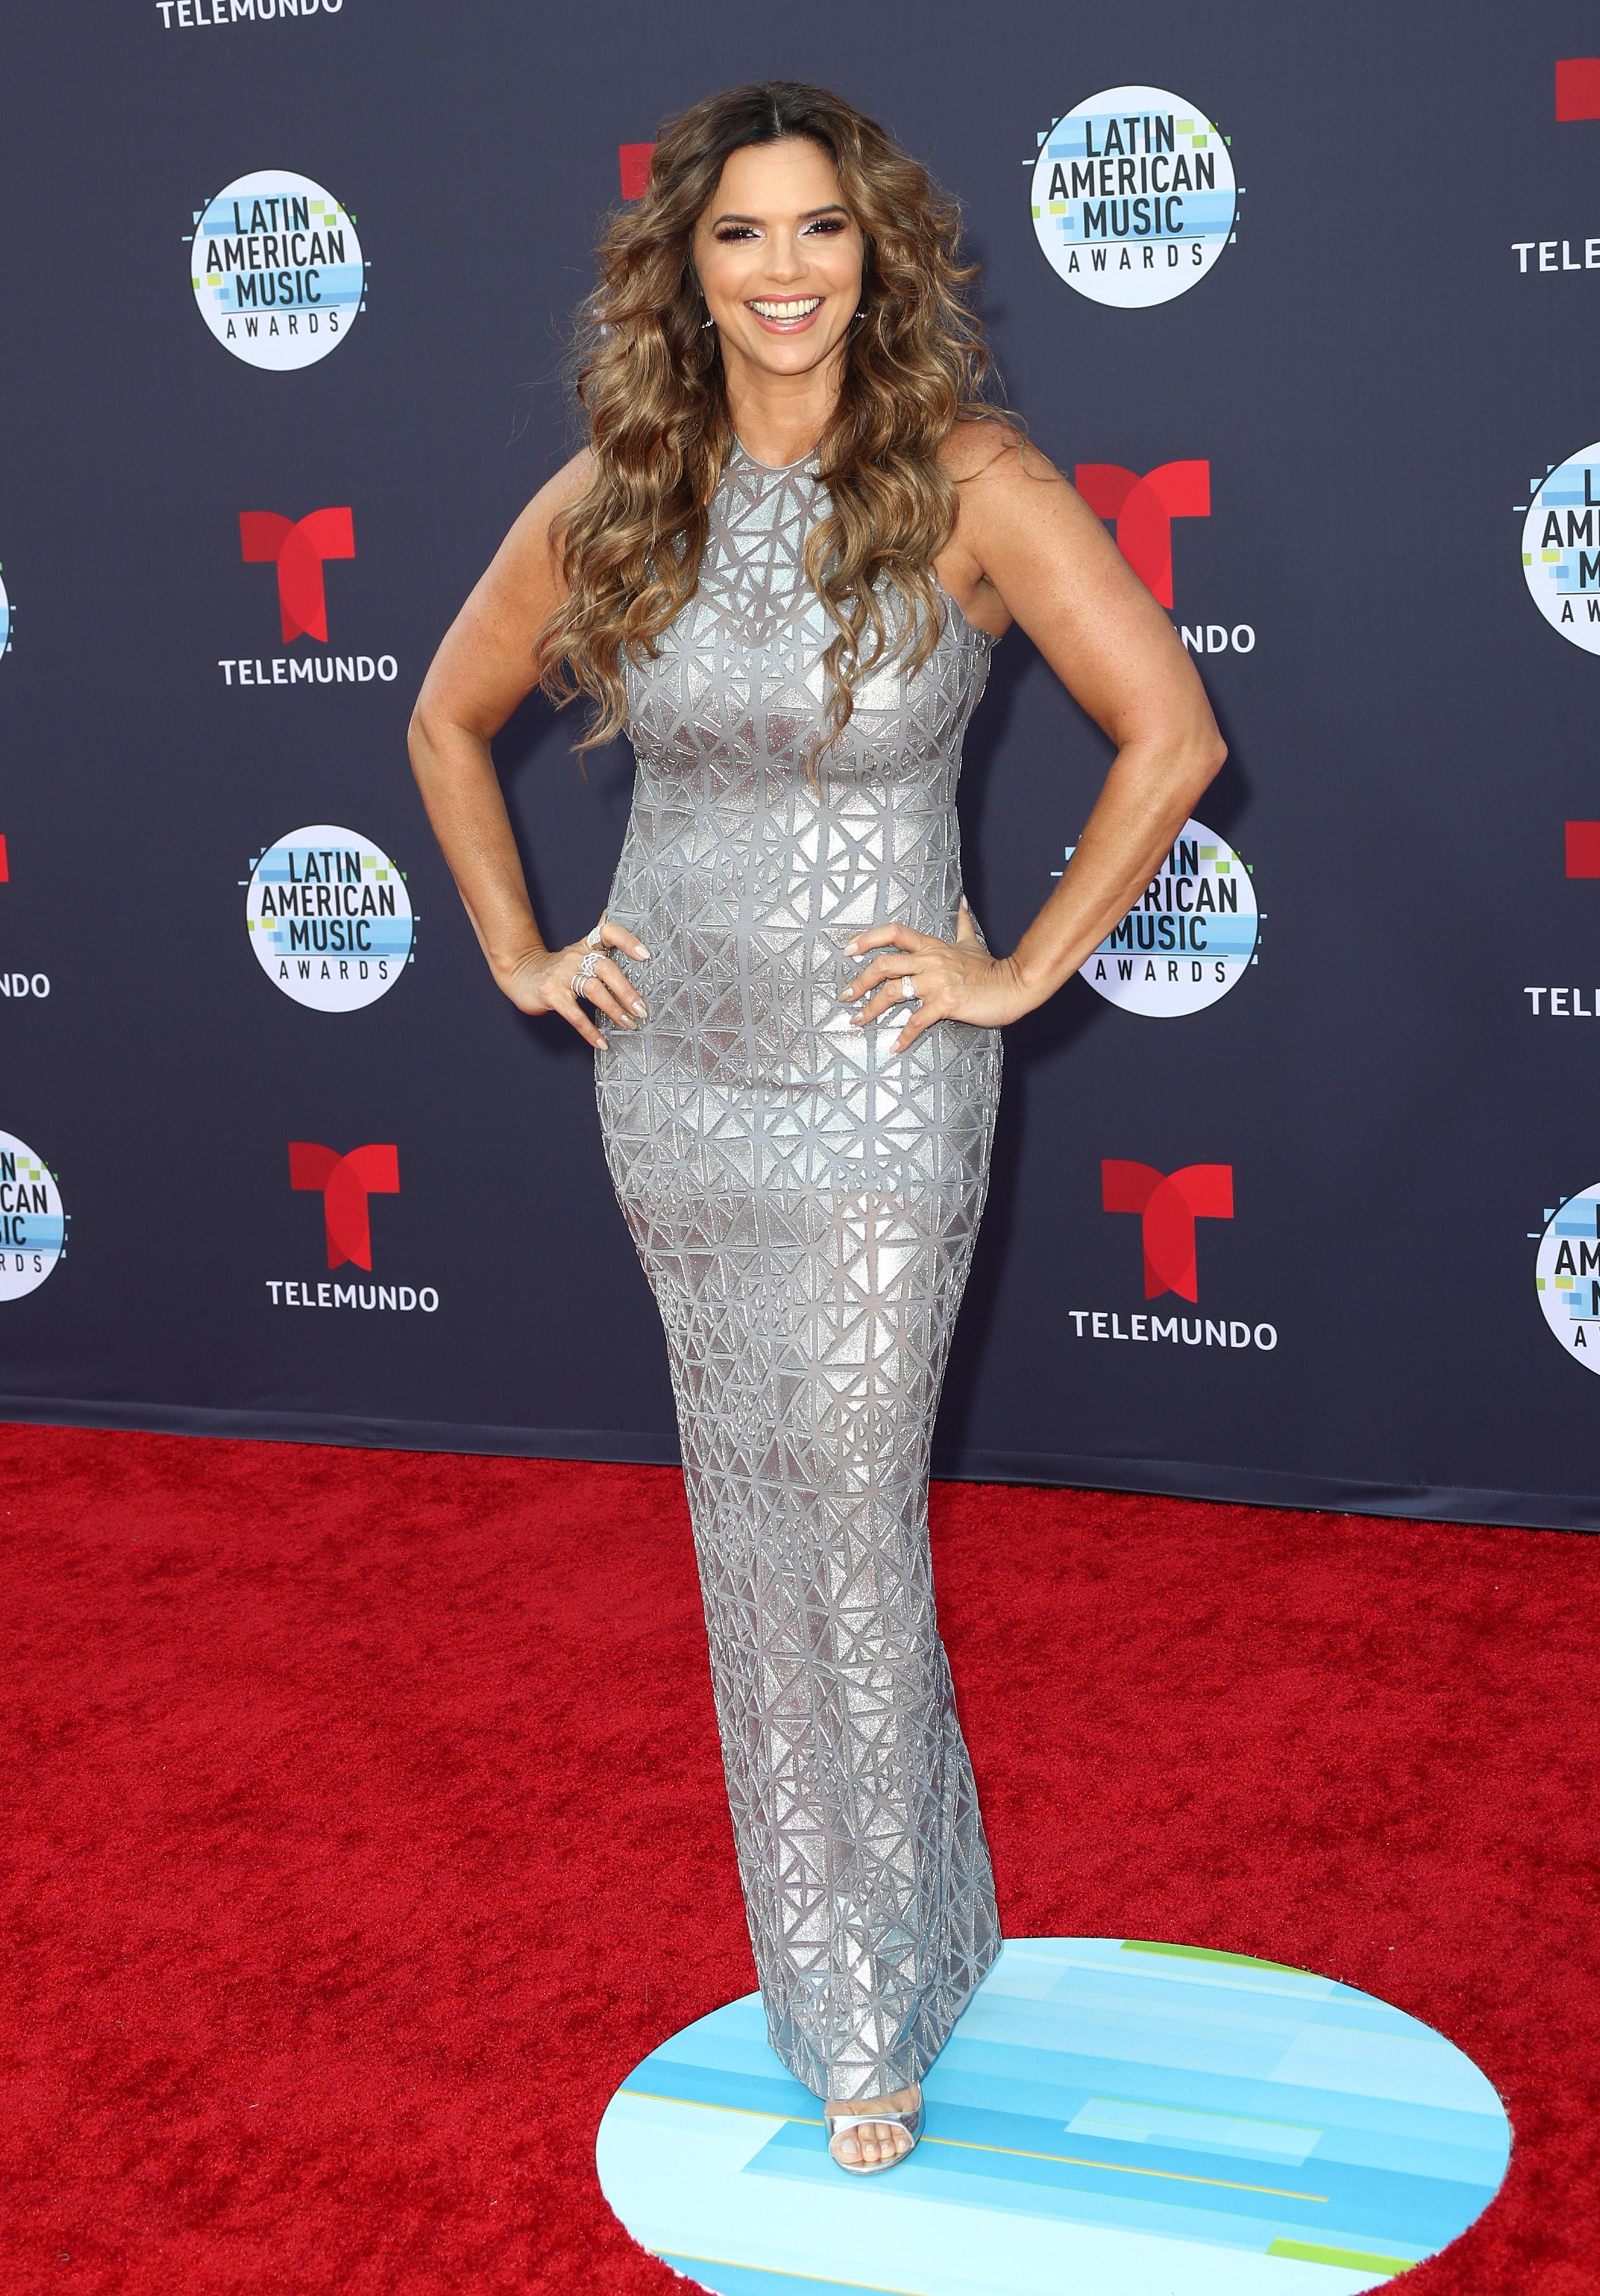 Rashel Díaz en 2018 Latin American Music Awards